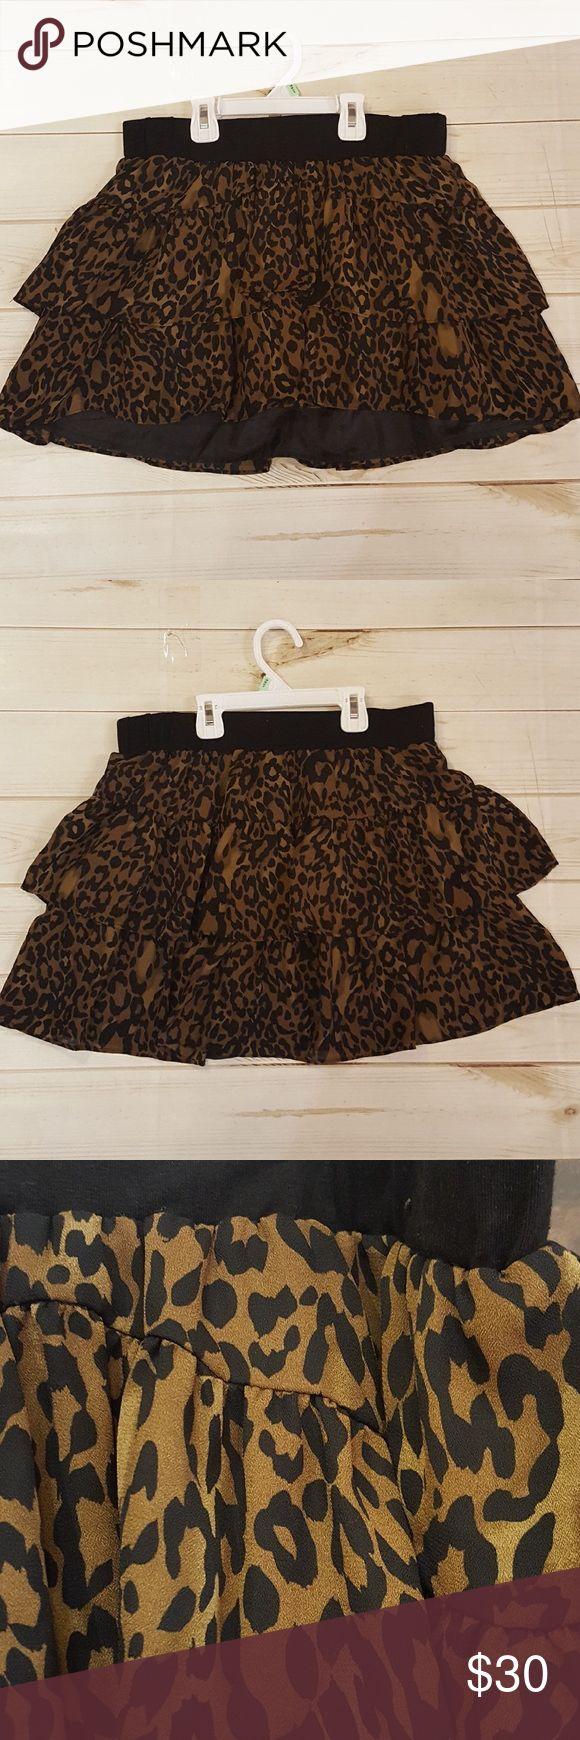 GB womens cheetah skirt! Size medium. Black thick band with ruffled cheetah skirt! GB Skirts